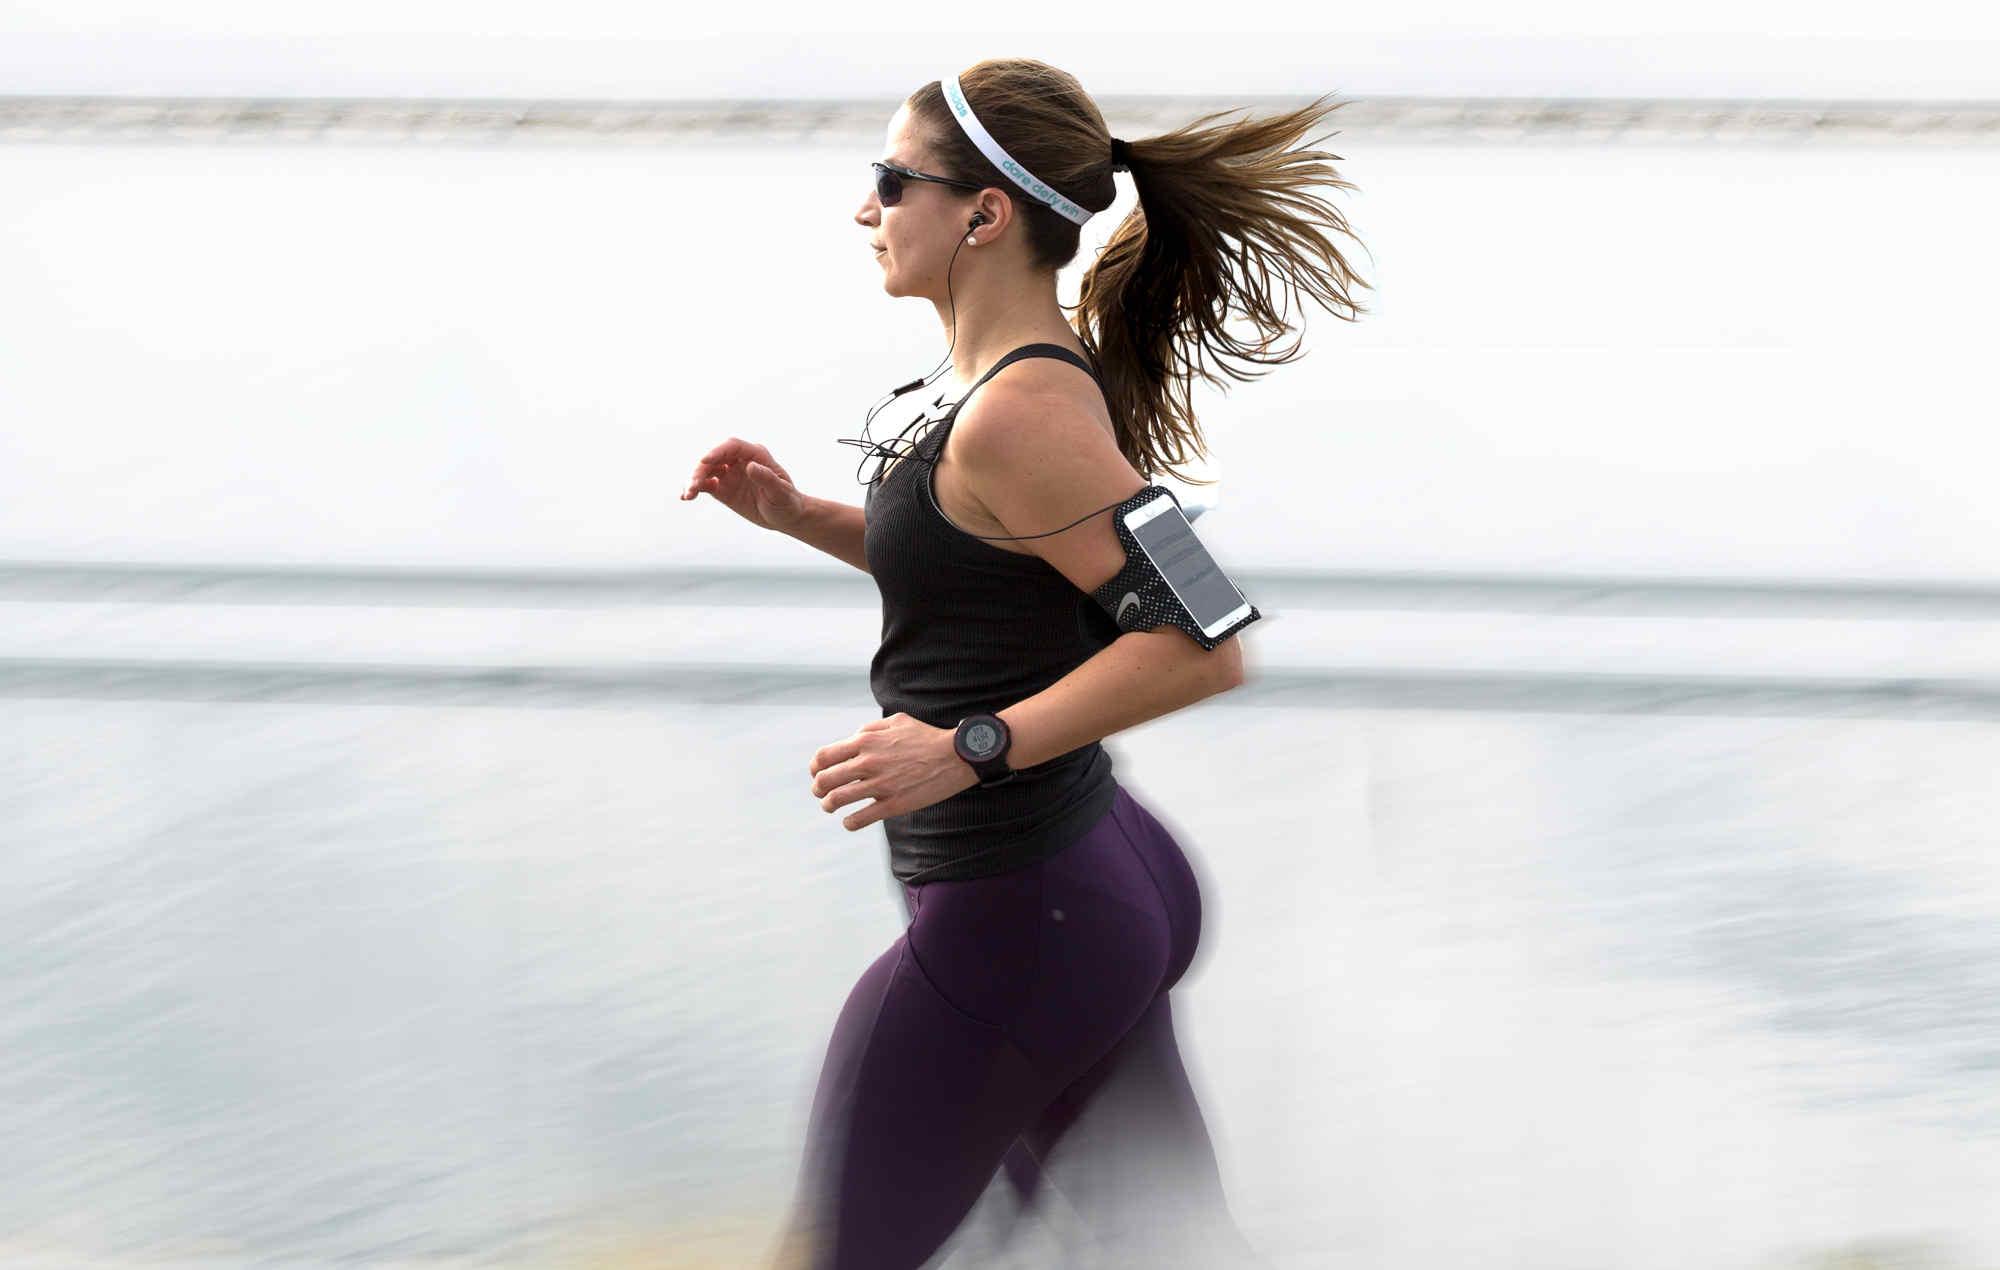 Les bienfaits de la musique à tempo rapide pour l'entraînement physique